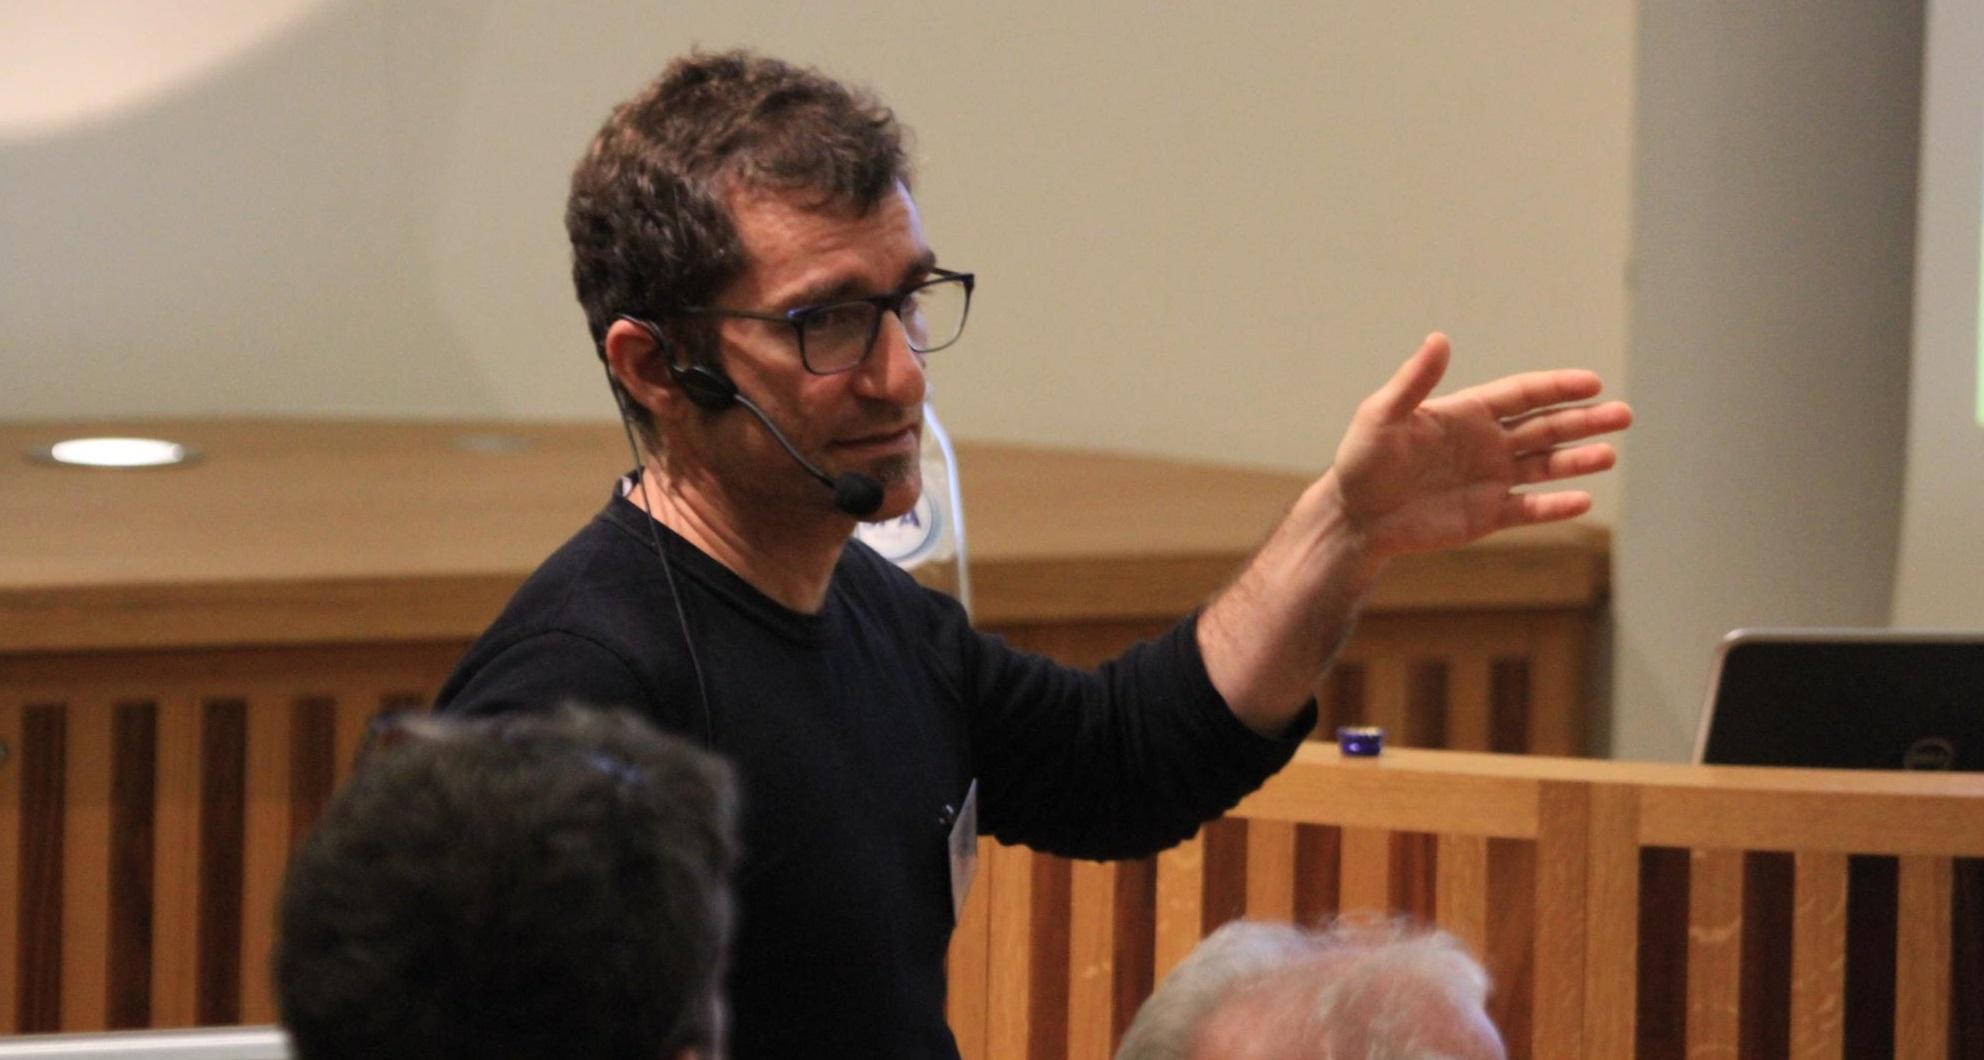 Biel Jordà, interviewed in Canal 4 Radio's science talk show BioBalears